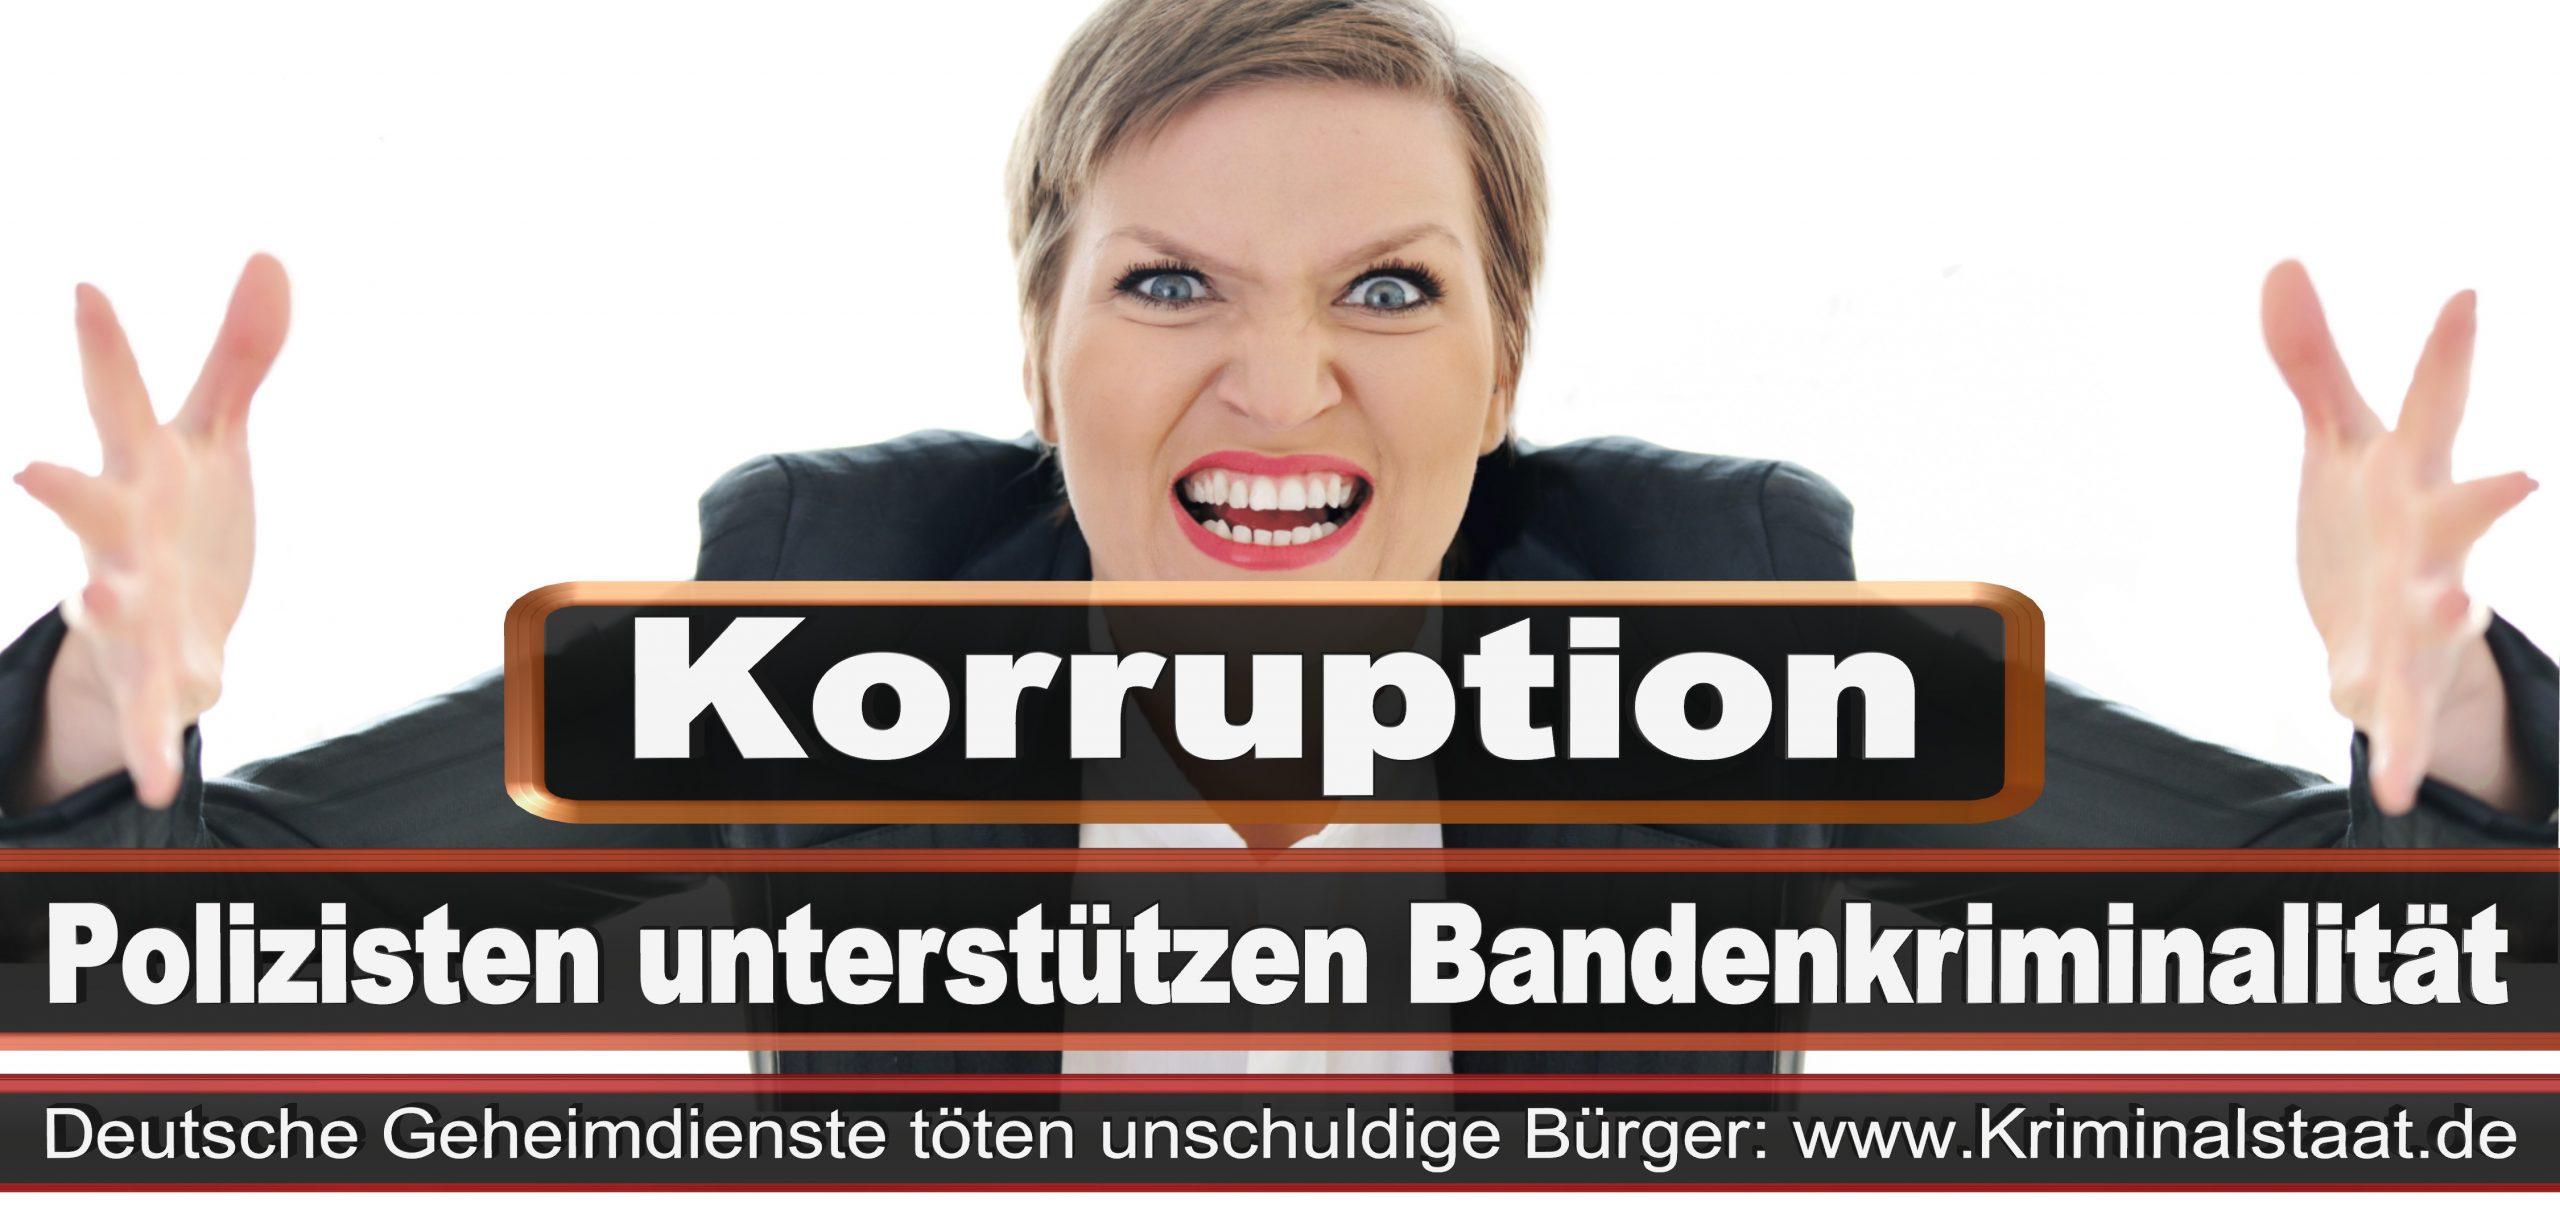 Bundestagswahl 2021 Wahlplakate CDU SPD FDP AFD Grüne Linke Stimmzettel Prognose Umfrage Kandidaten Parteien Datum (27)